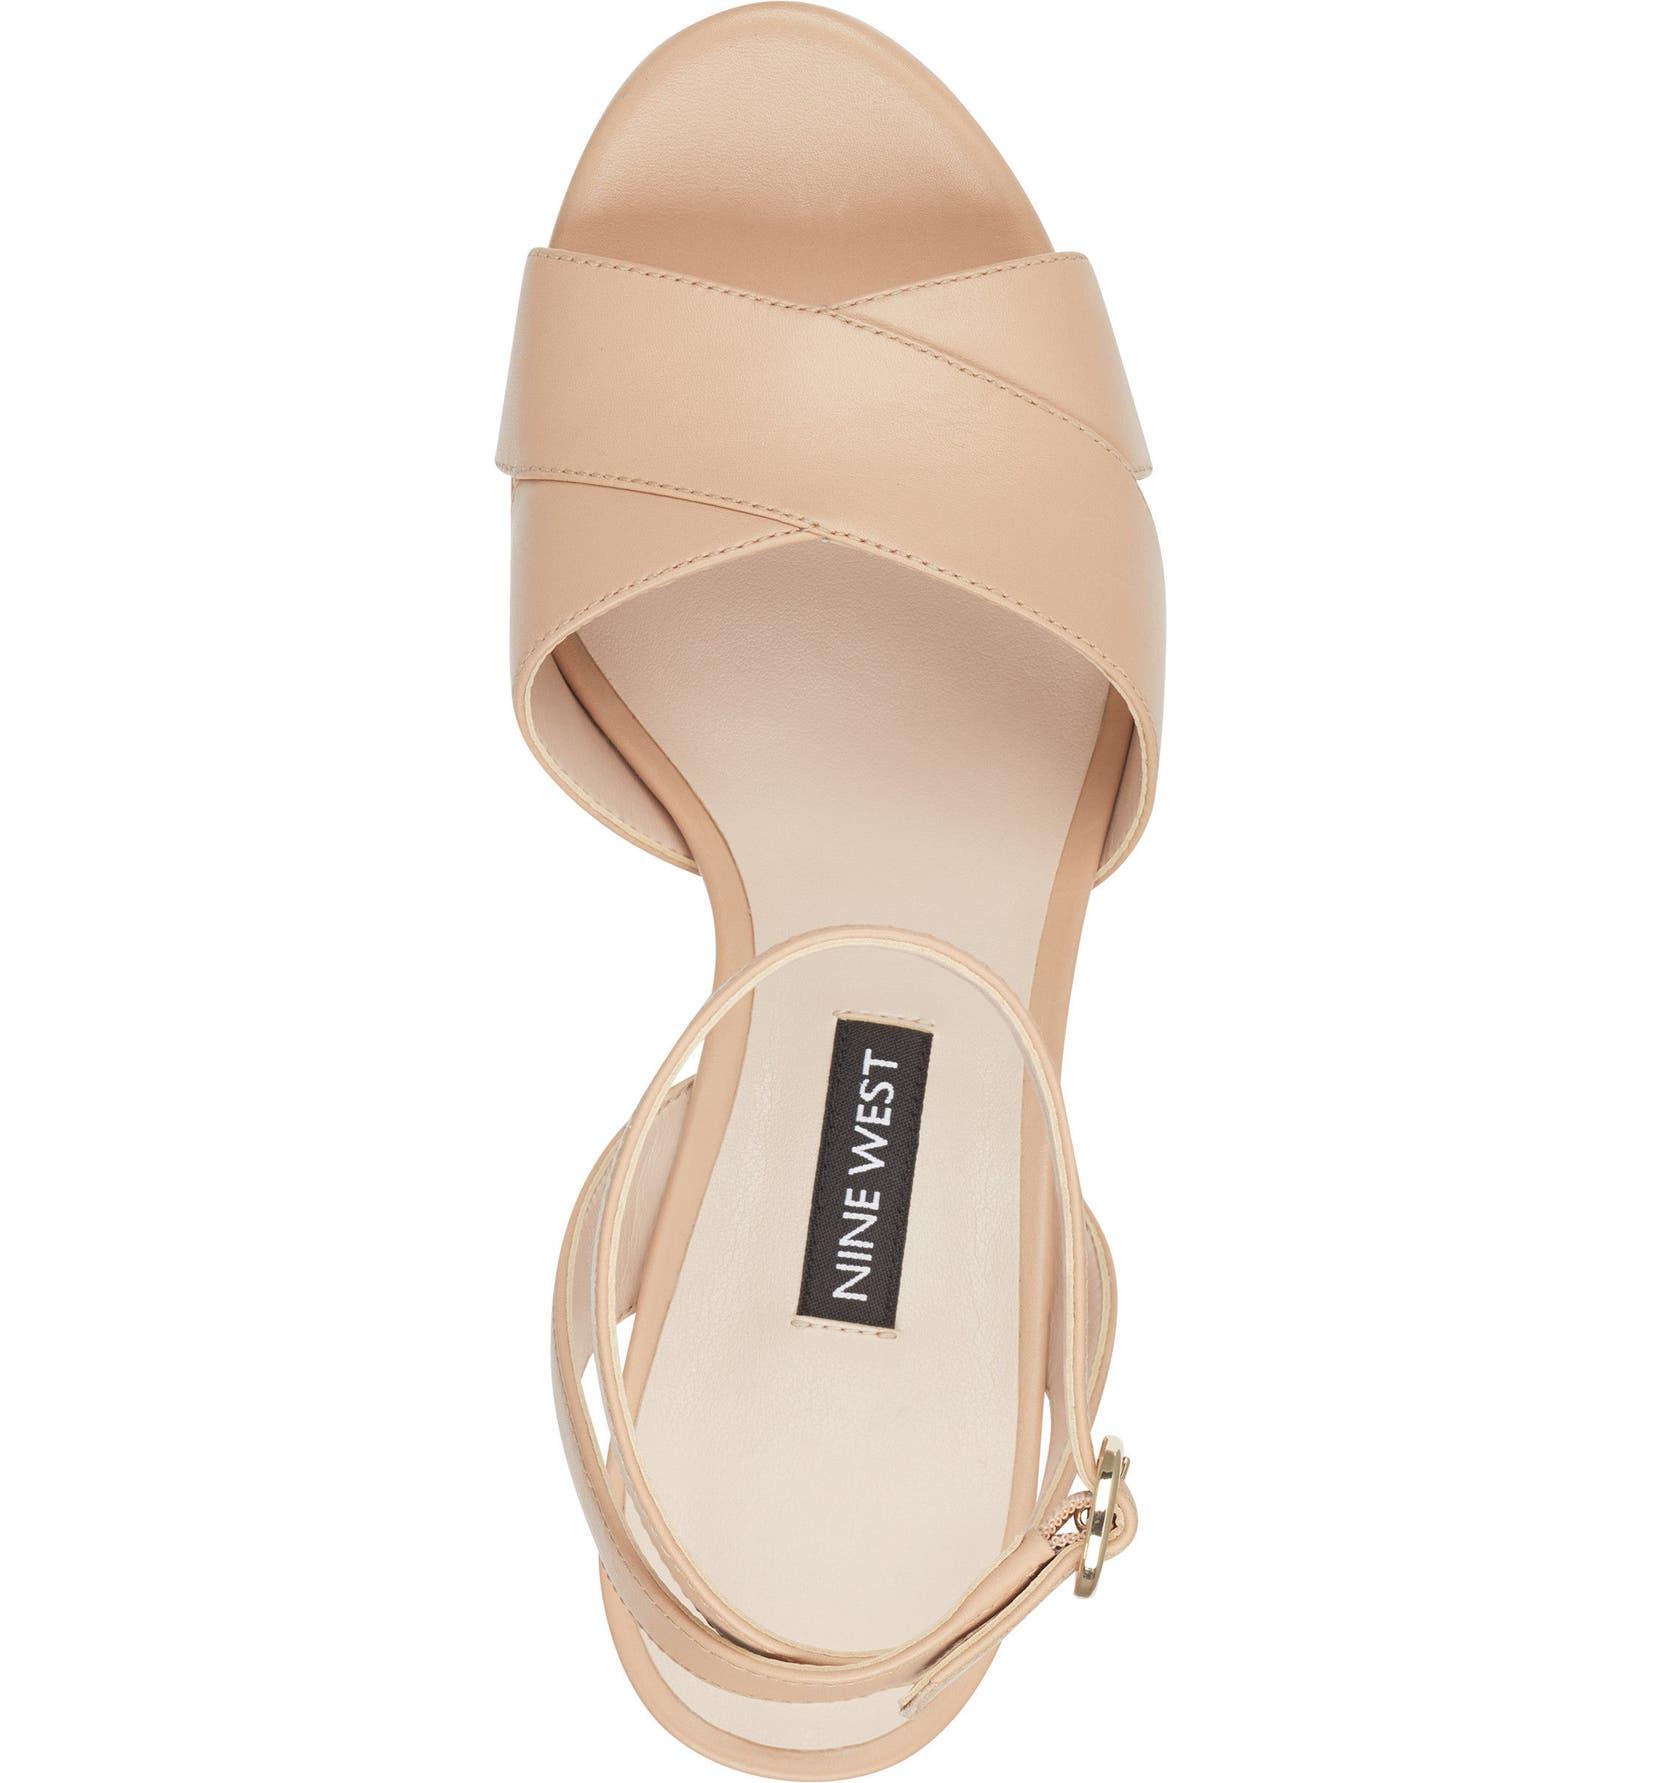 aff889c4c5 Nine West Quisha Ankle Strap Sandal (Women) | Nordstrom